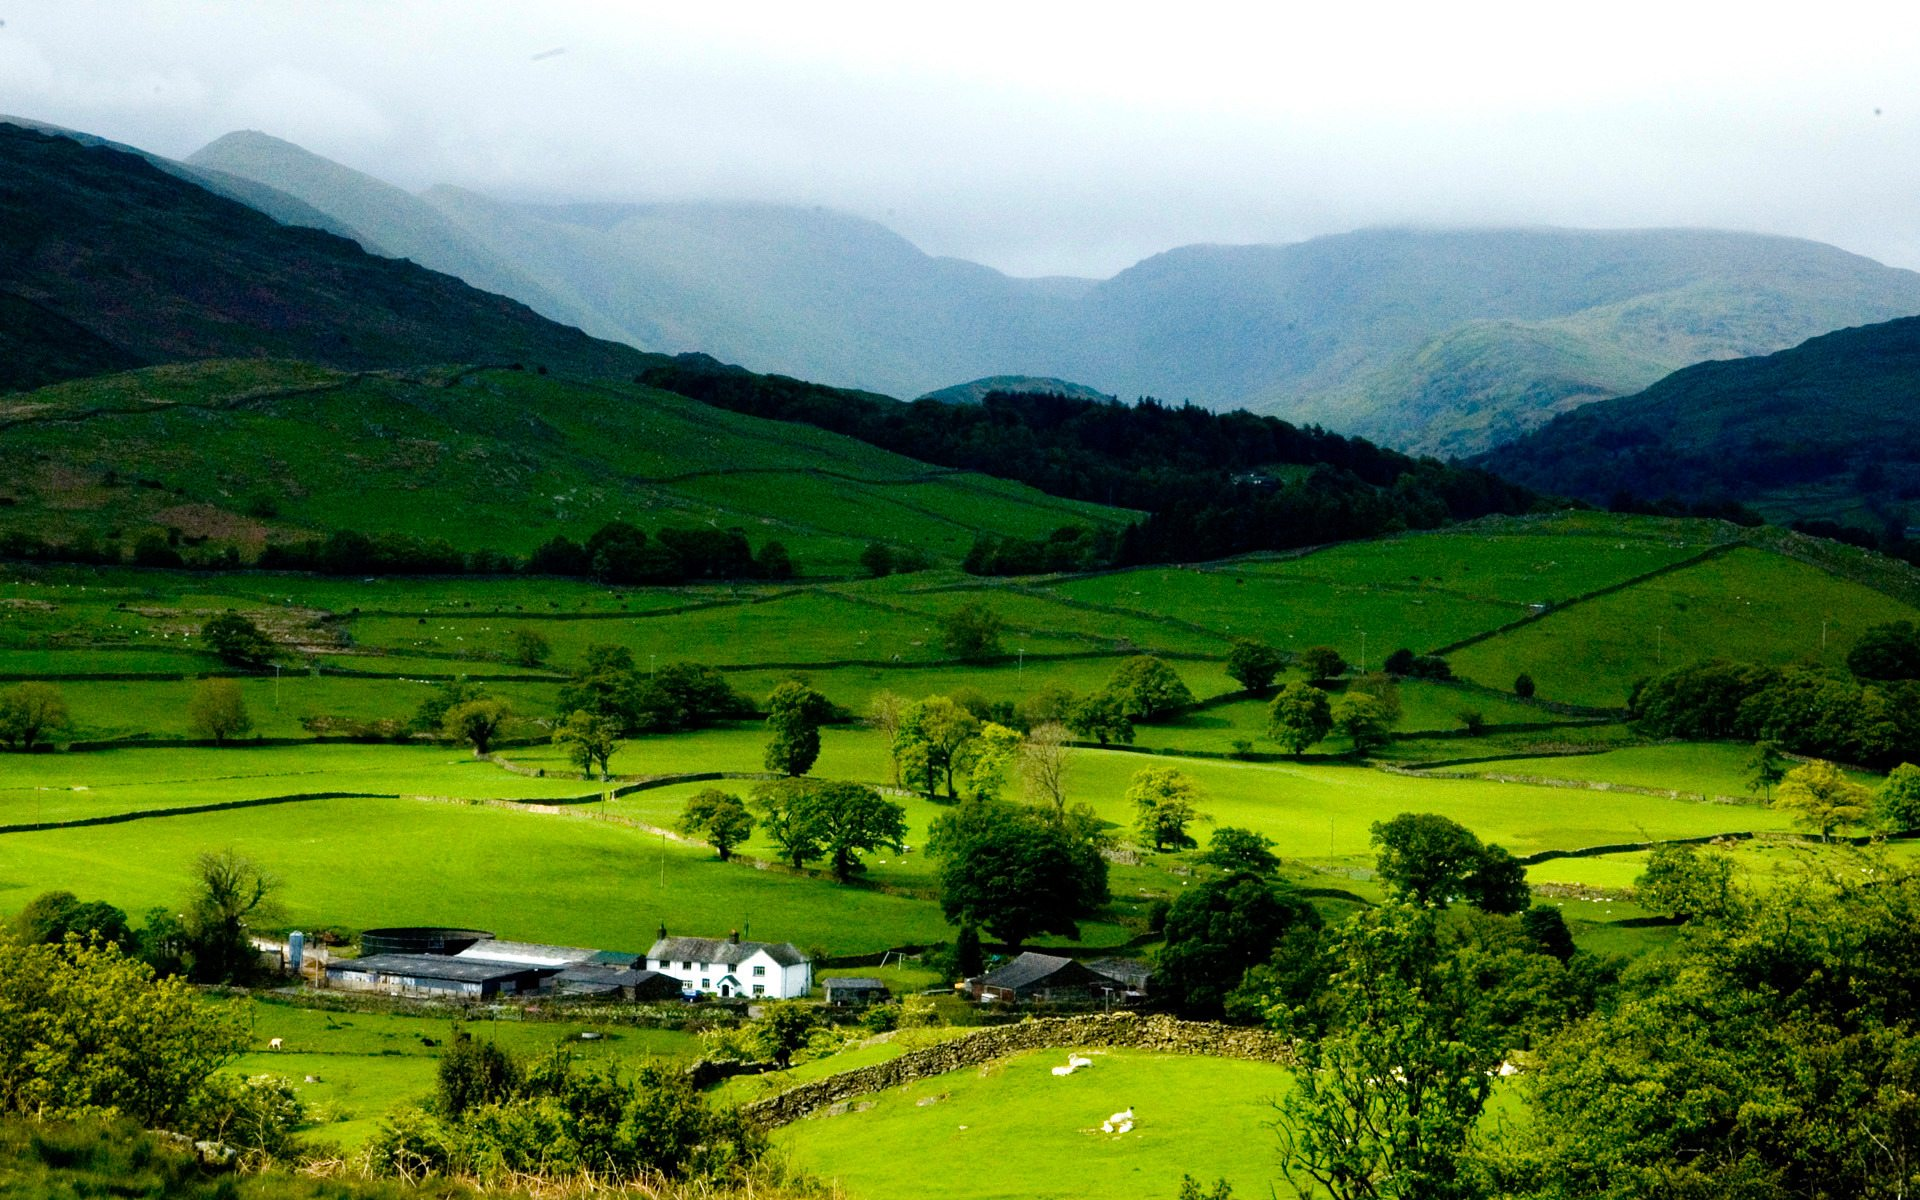 ziro-valley